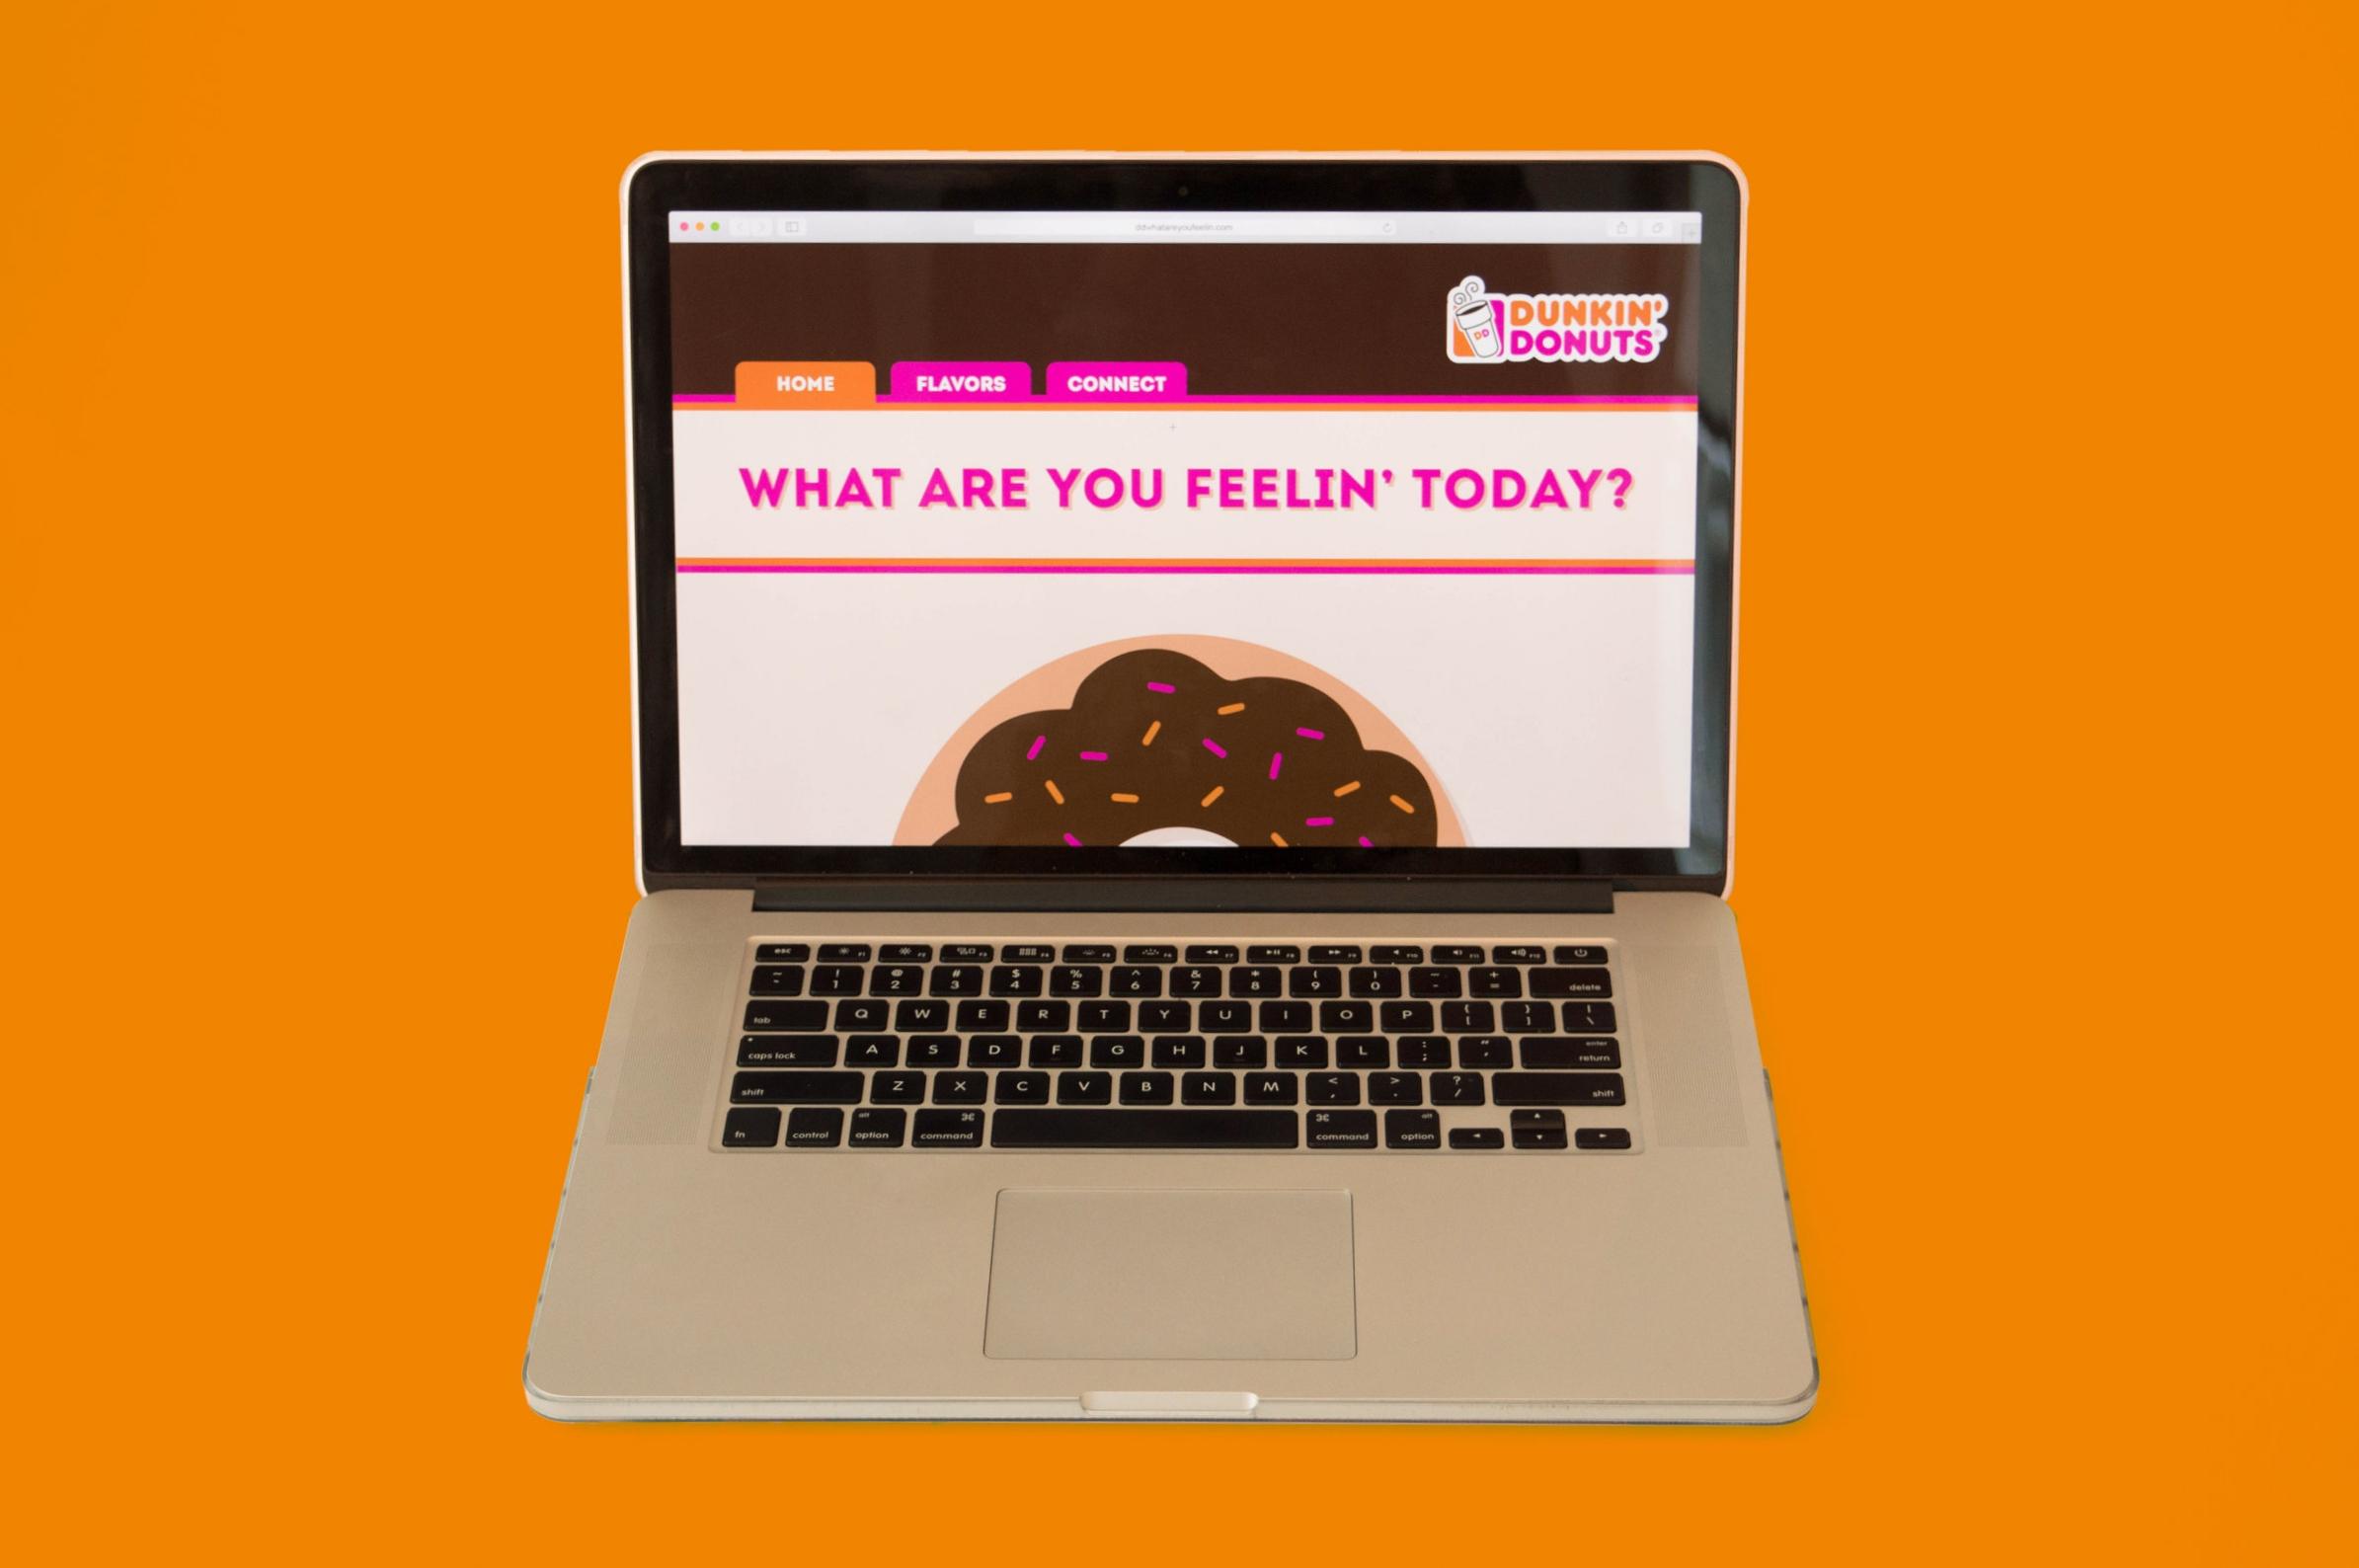 DunkinDonutsLaptopFront.jpg